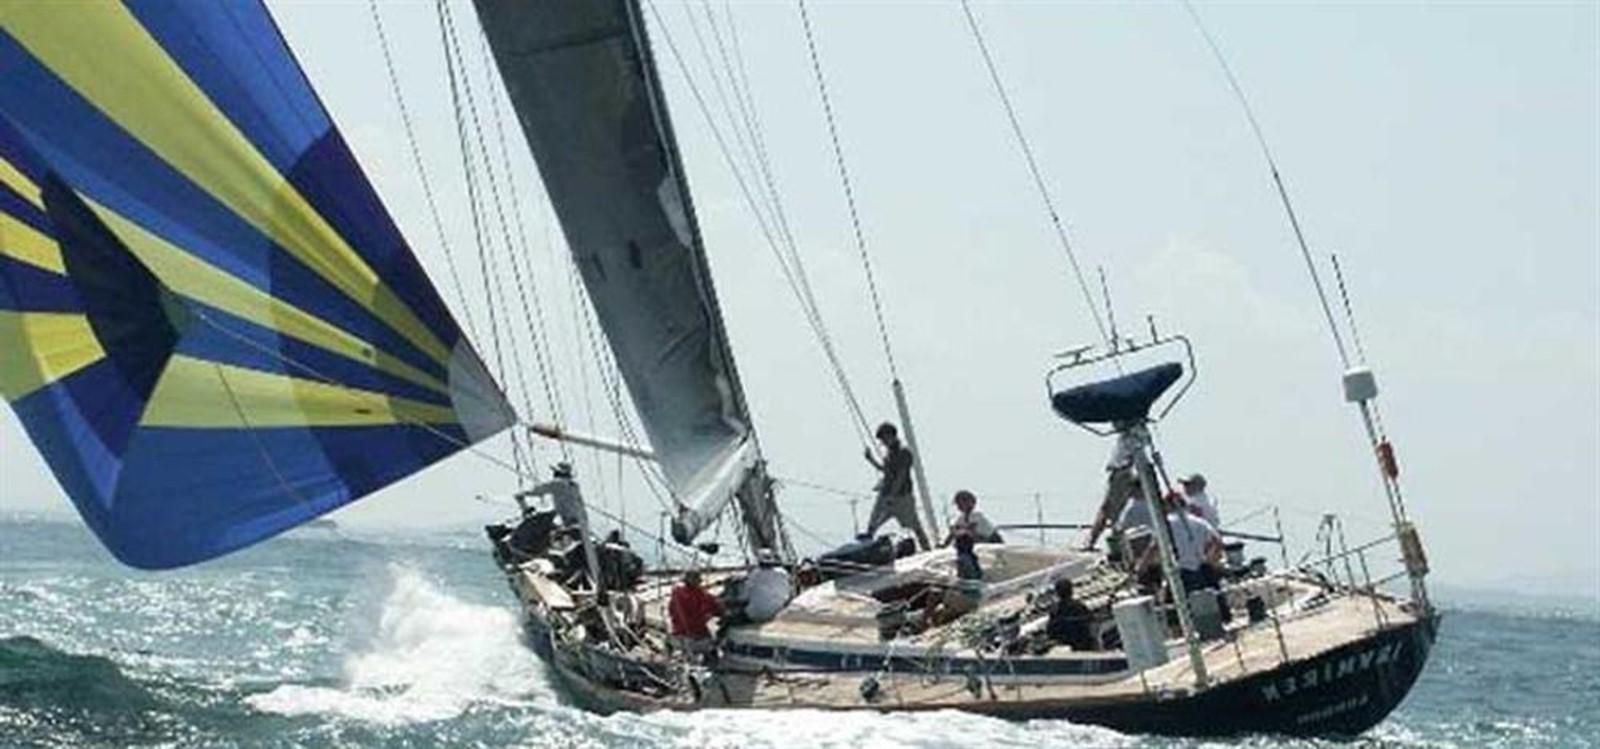 1993 NAUTOR'S SWAN Swan 68 Cruising Sailboat 466961